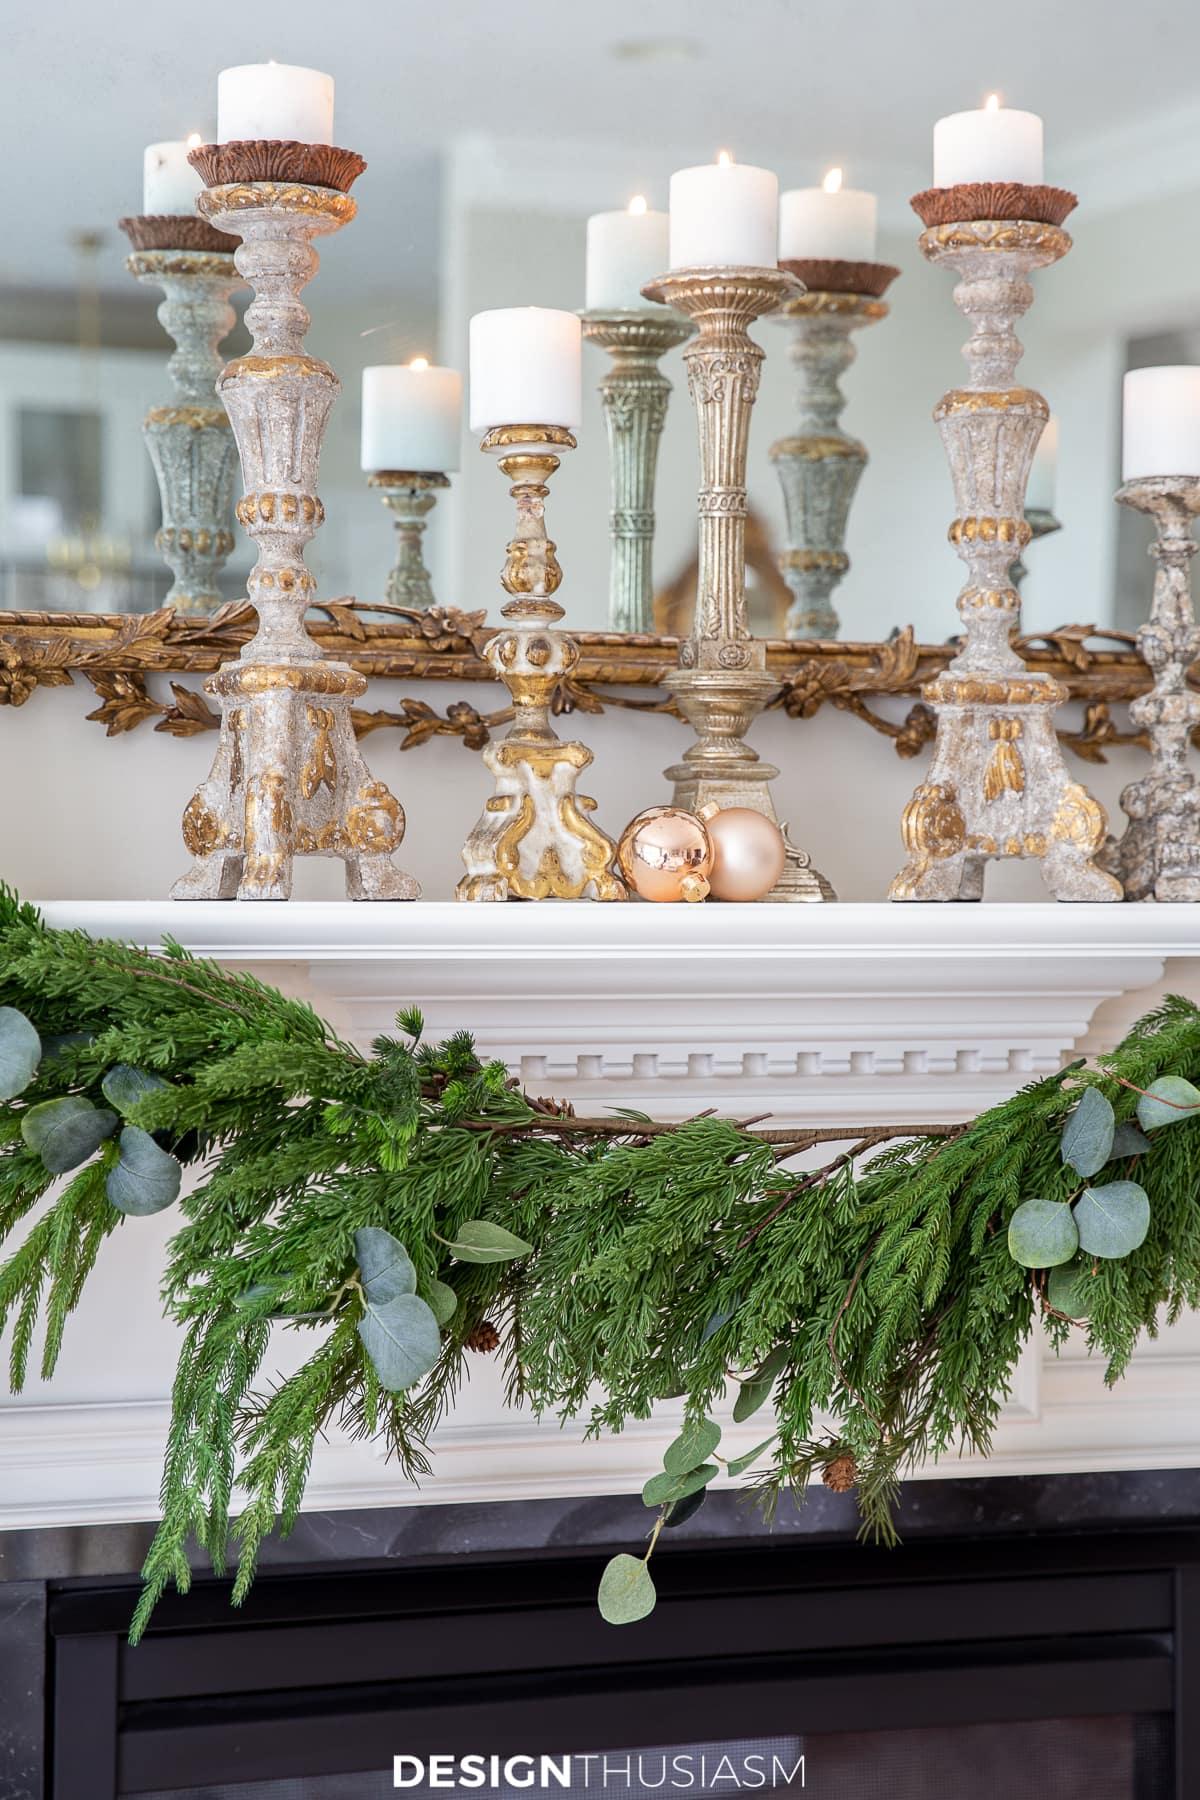 Christmas mantel decor with garland